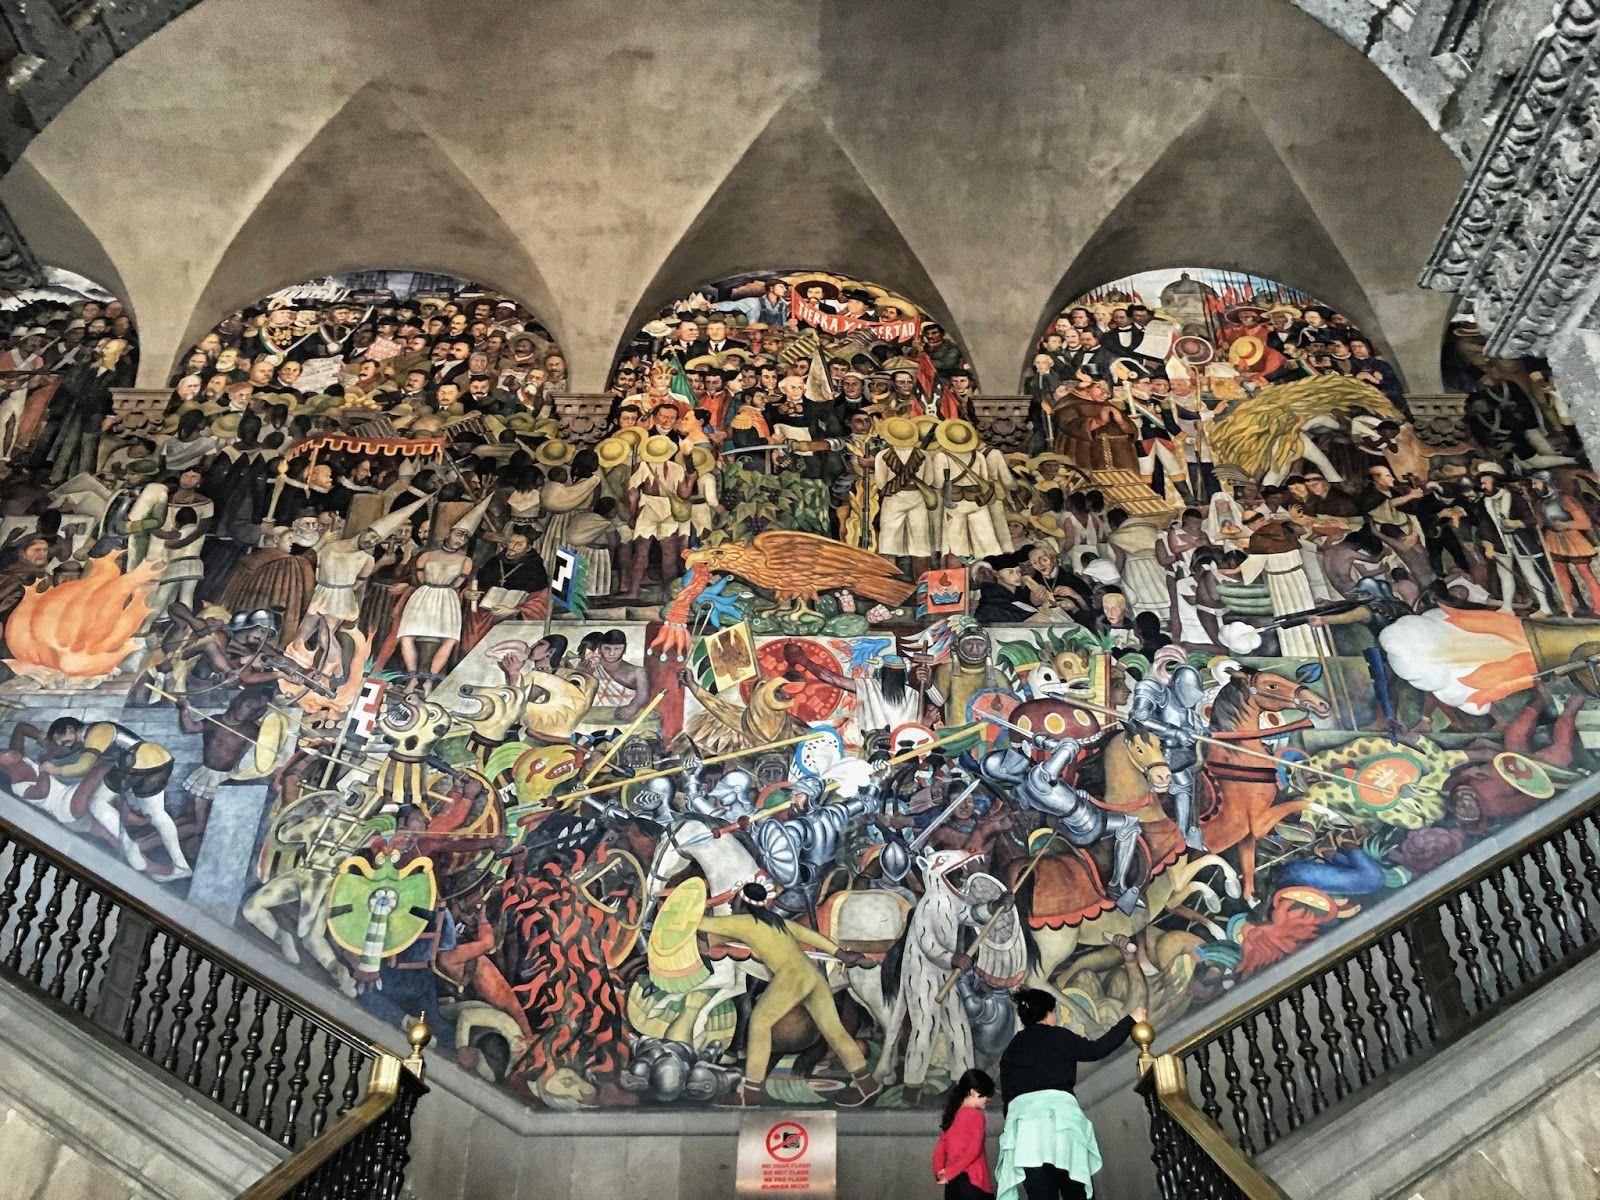 O muralismo de Rivera influenciou muitos artistas norte-americanos ao expor o seu trabalho em grandes murais nas cidades de São Francisco, Detroit e Nova Iorque.